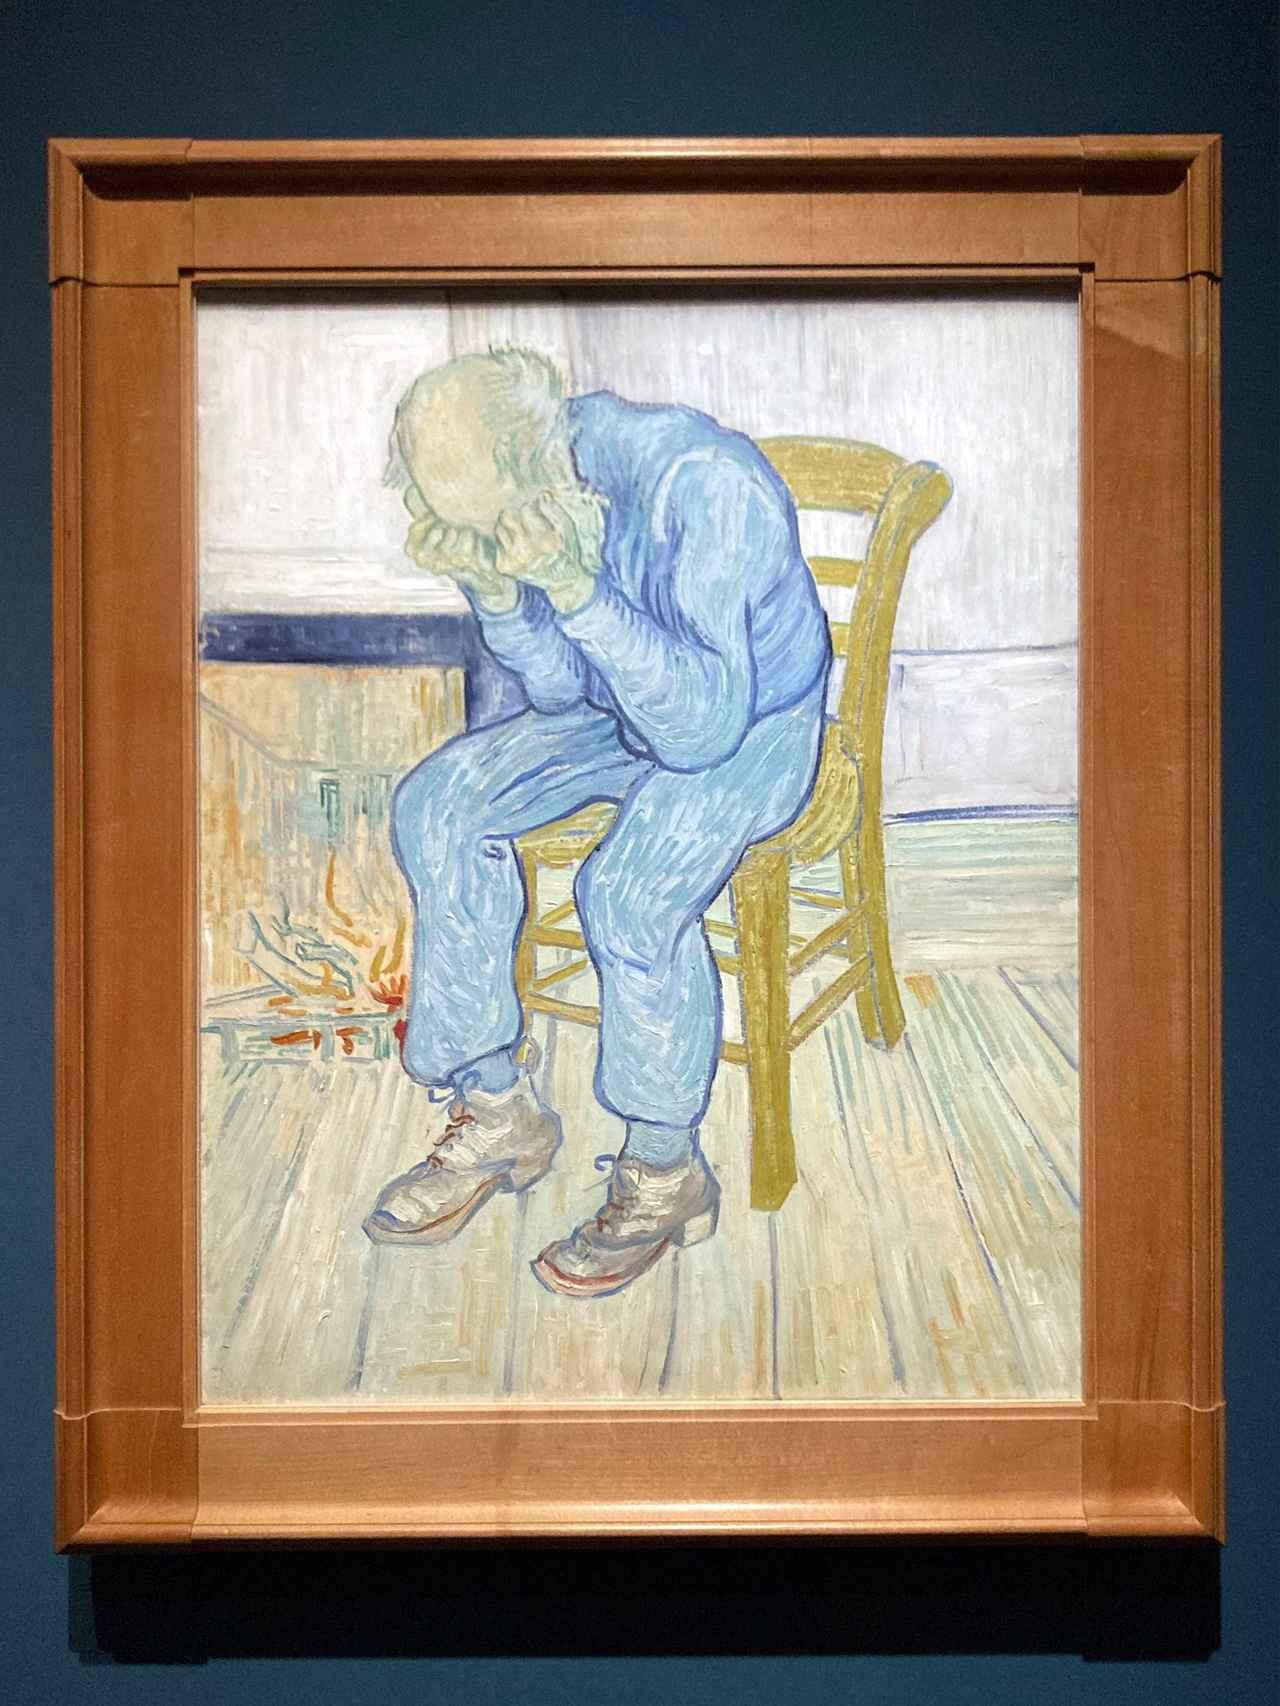 画像: フィンセント・ファン・ゴッホ《悲しむ老人(「永遠の門にて」)》 1890年5月 油彩、カンヴァス クレラー=ミュラー美術館 photo by © cinefil